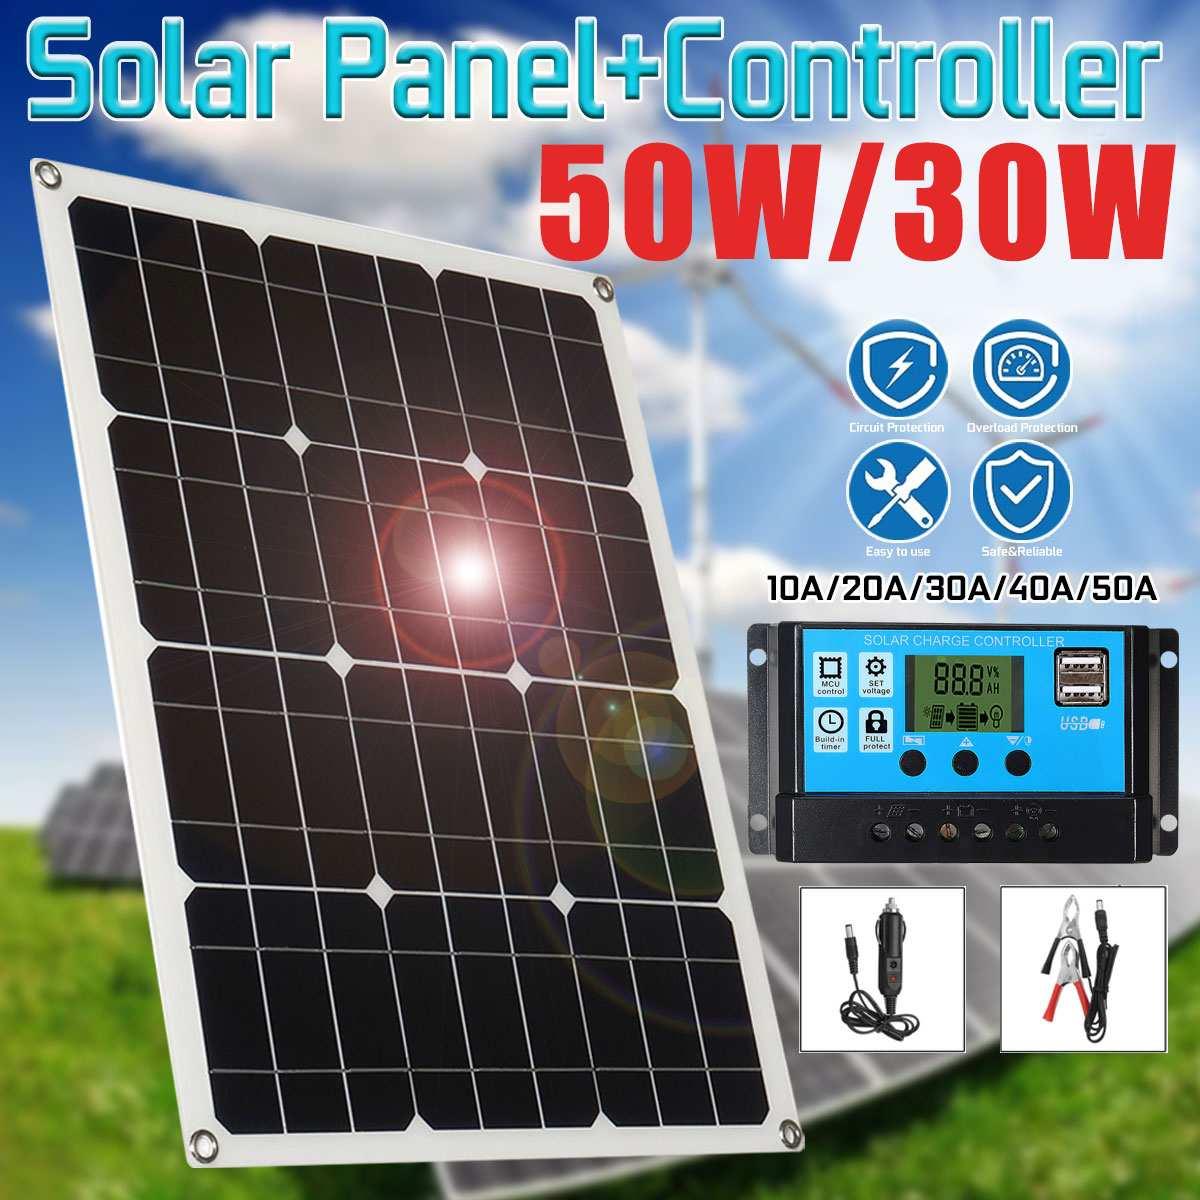 Panneau solaire 18 V 50 W 2 USB chargeur solaire cellules solaires Poly panneau solaire + contrôleur 10/20/30/40/50A pour batterie de voiture 12 V câble MC4